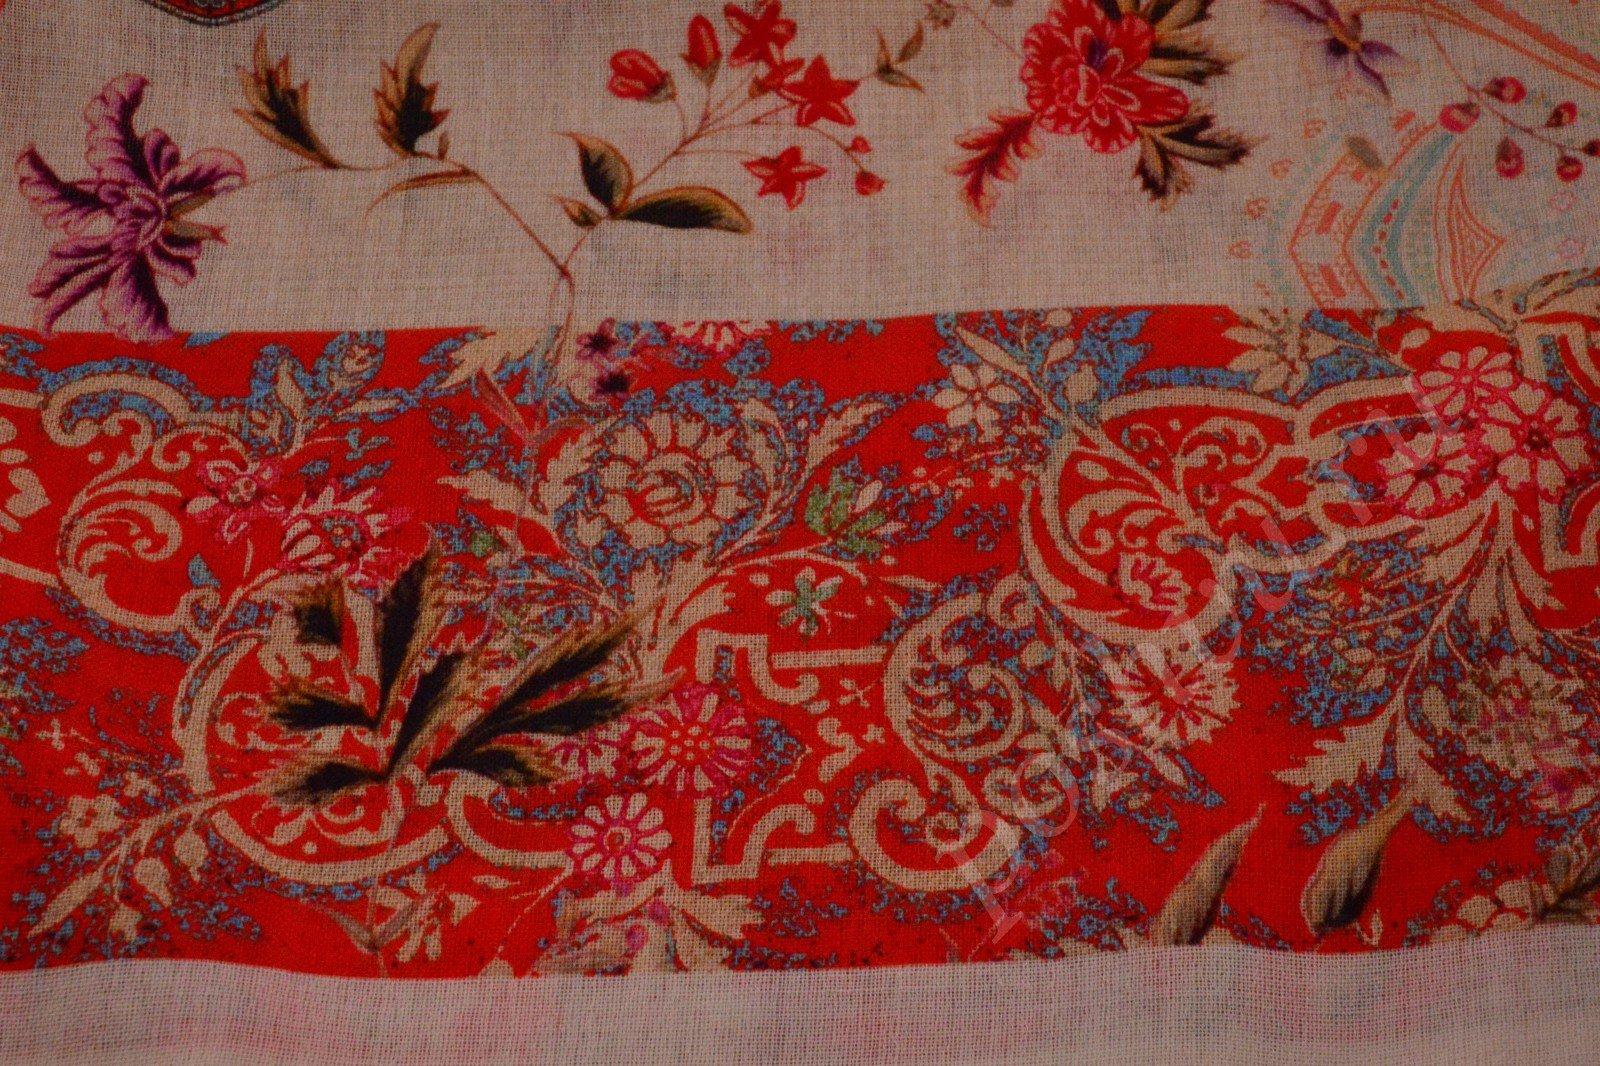 Вышивка по шерстяной ткани